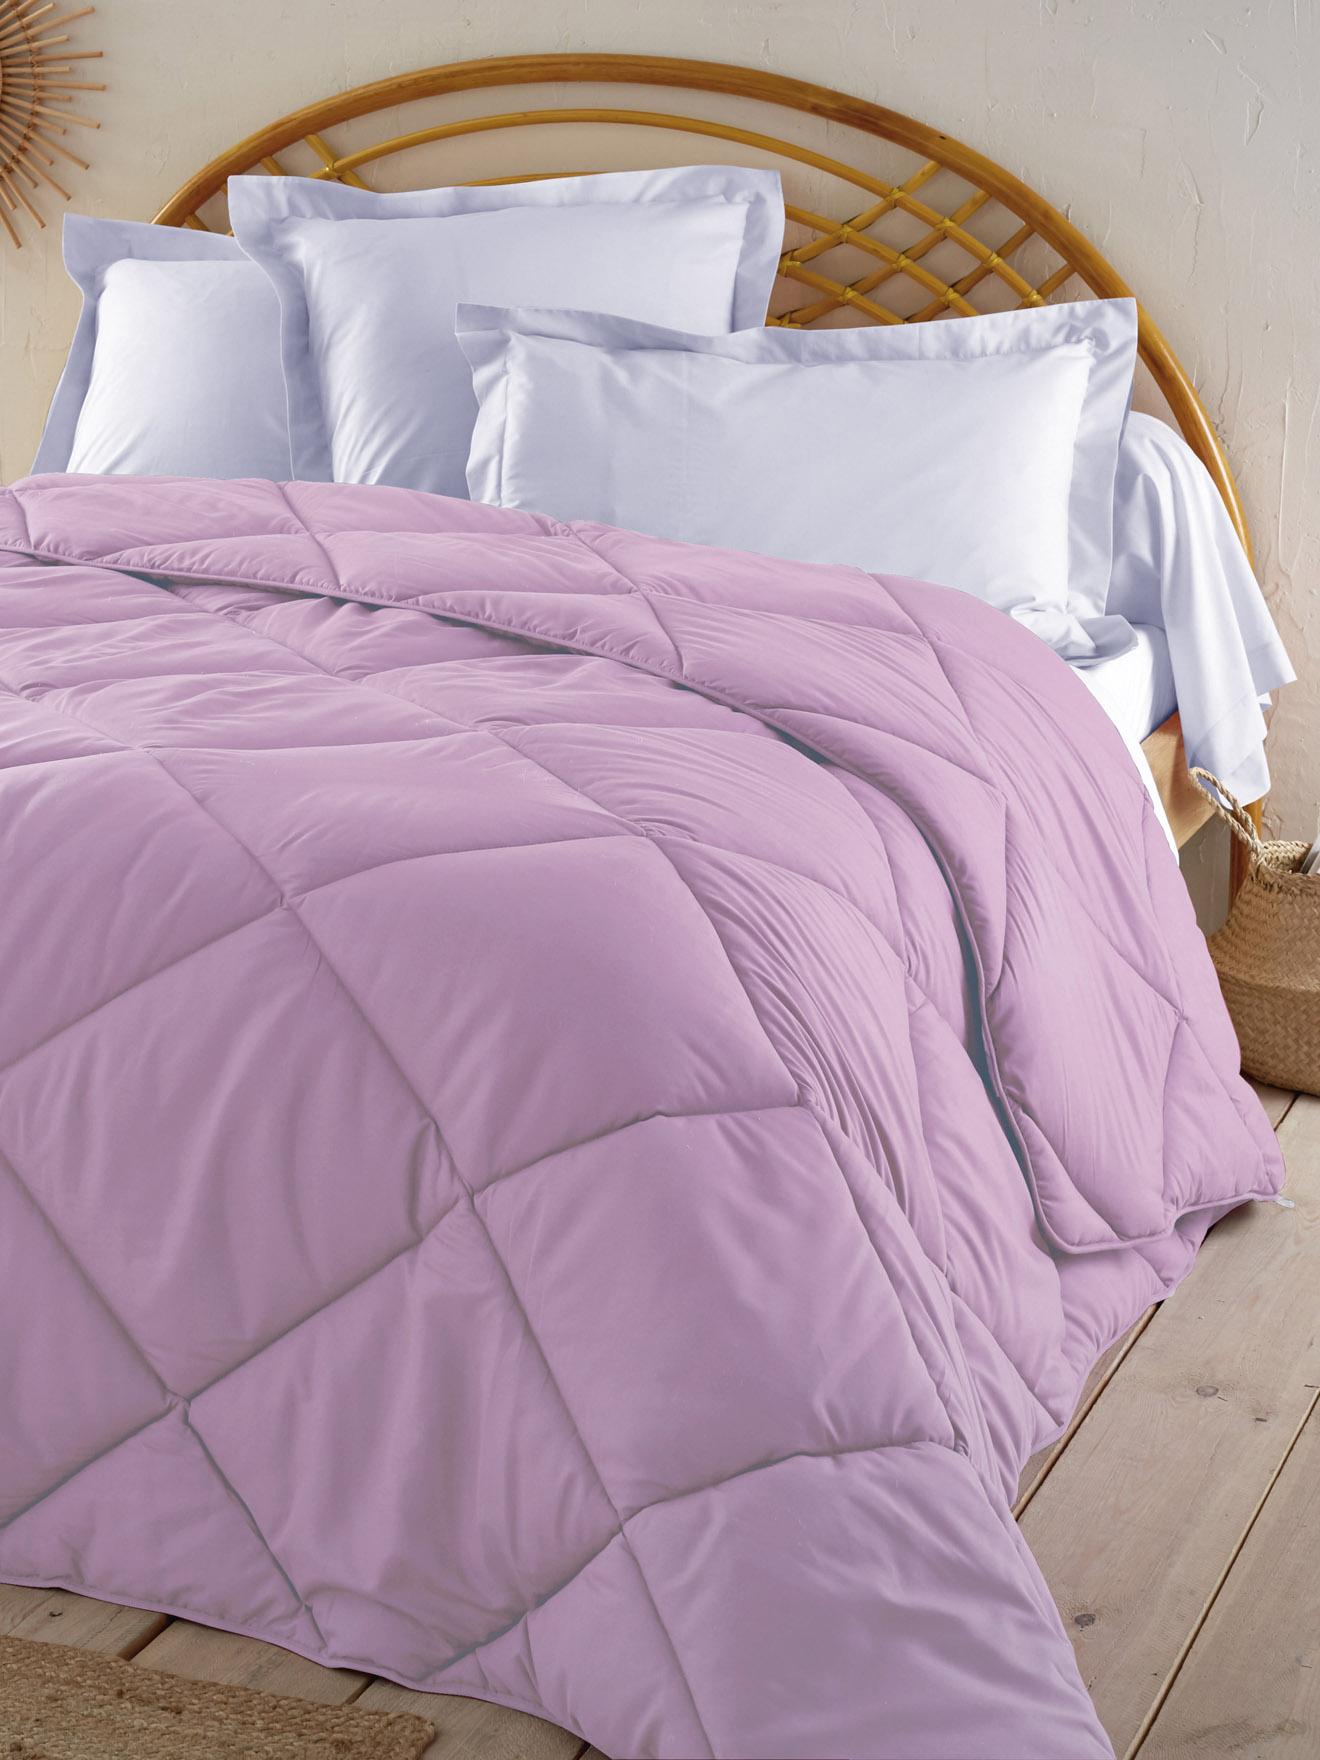 couette chaude antitache daxon. Black Bedroom Furniture Sets. Home Design Ideas